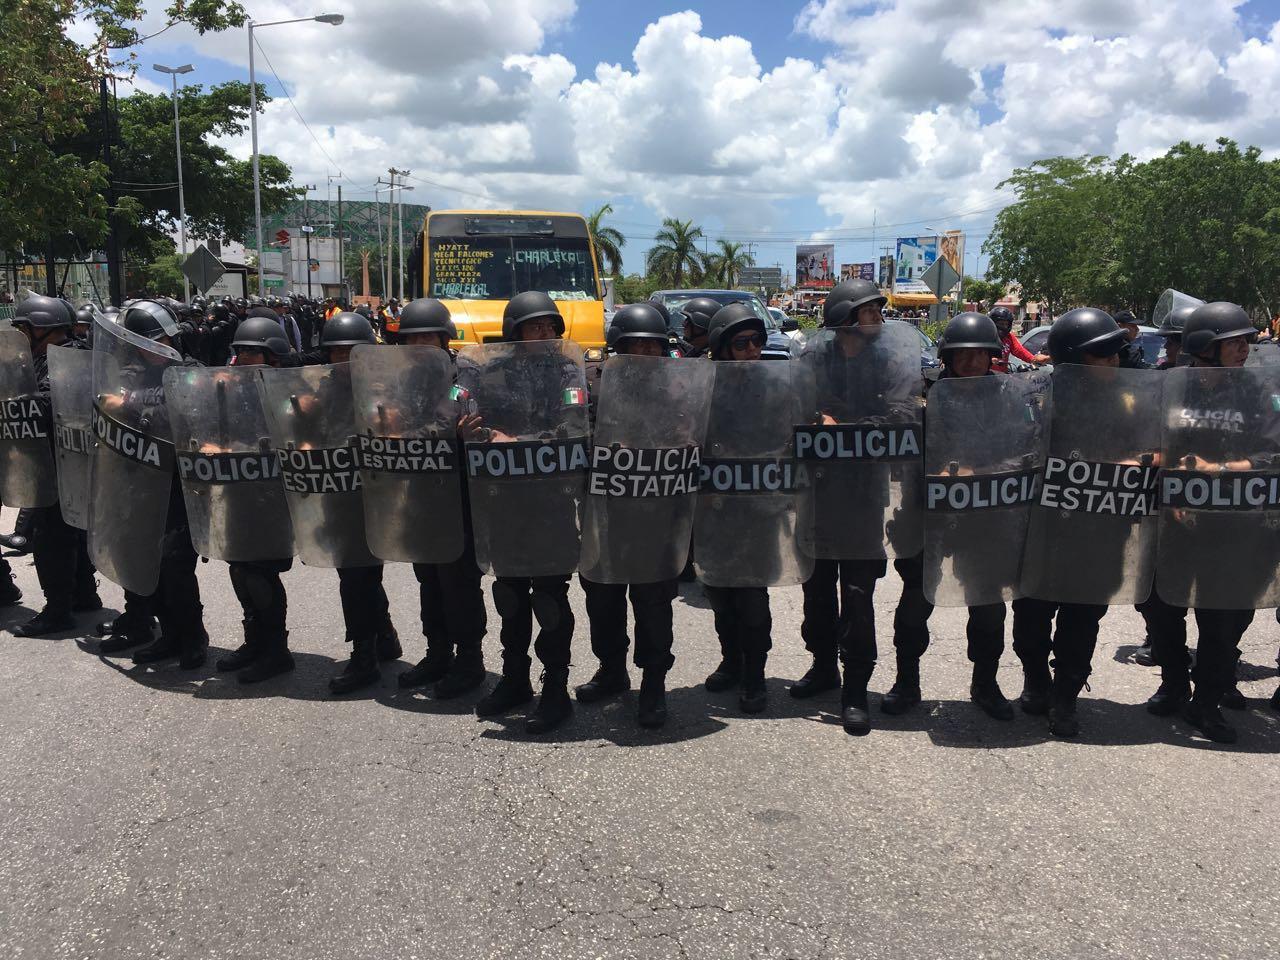 Muchos policías en Yucatán, pero de los peores pagados